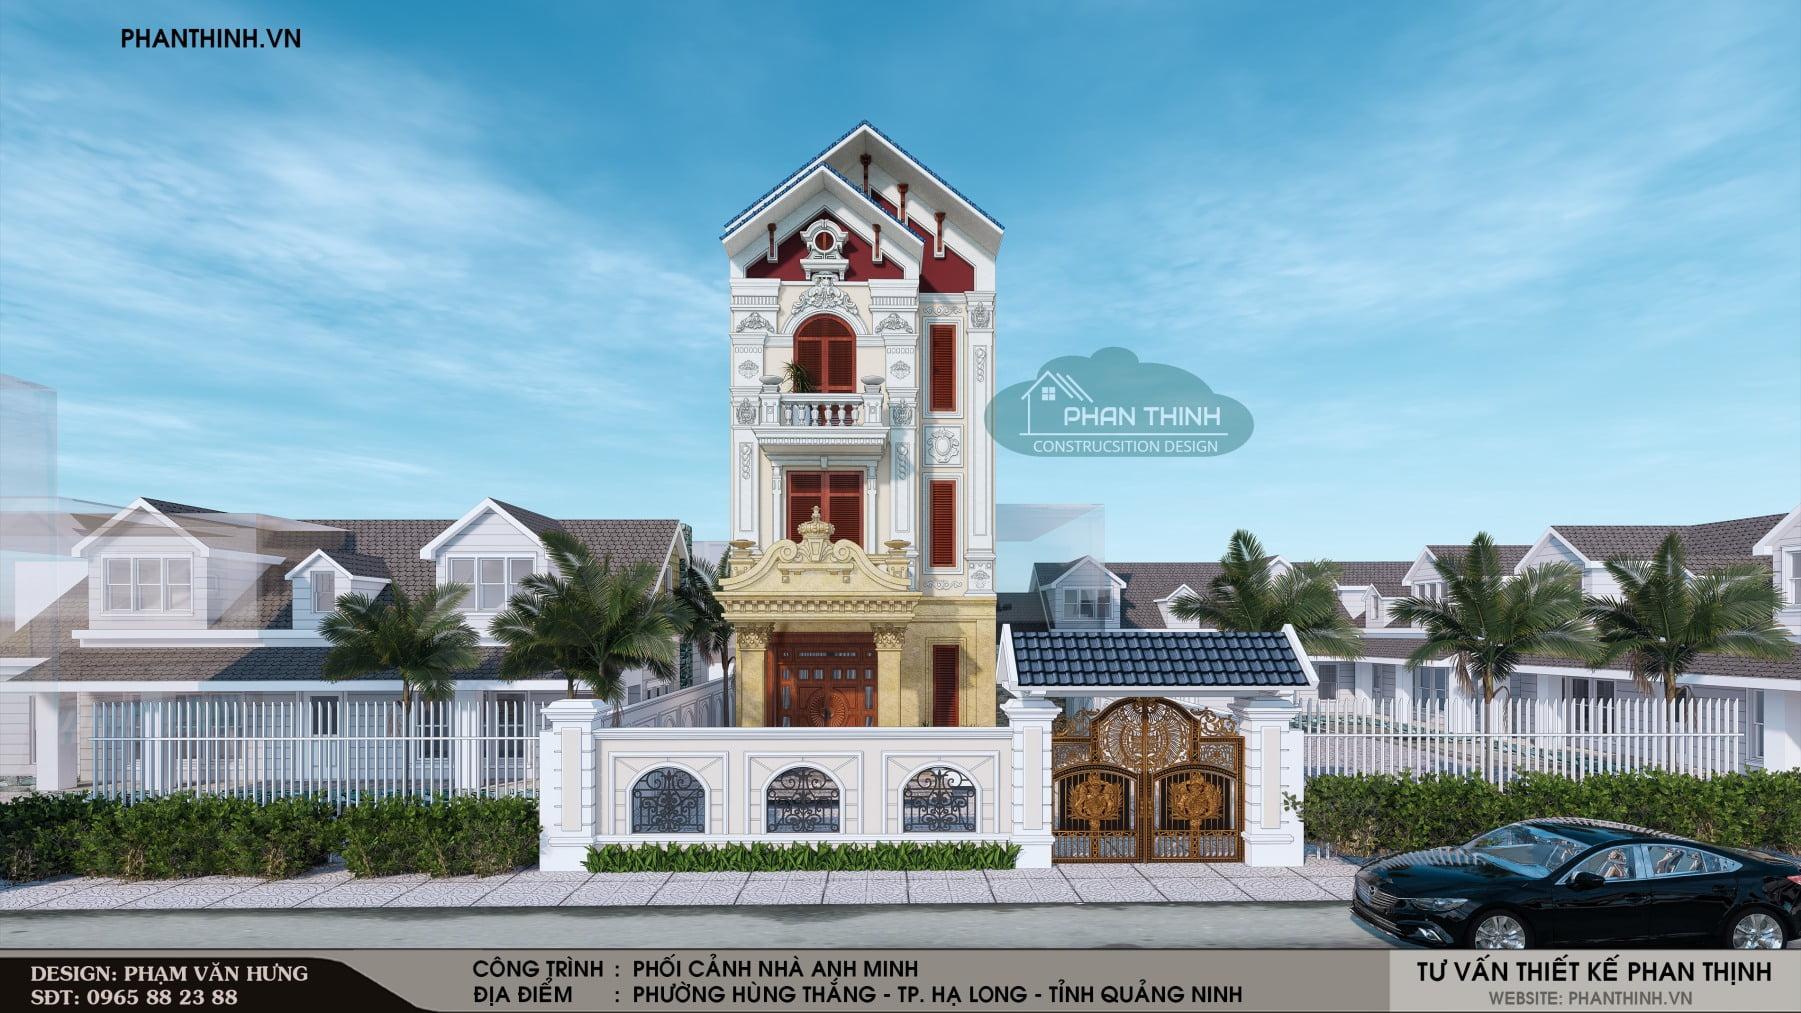 Phương án thiết kế cổng tường rào biệt thự cổ điển tại Quảng Ninh